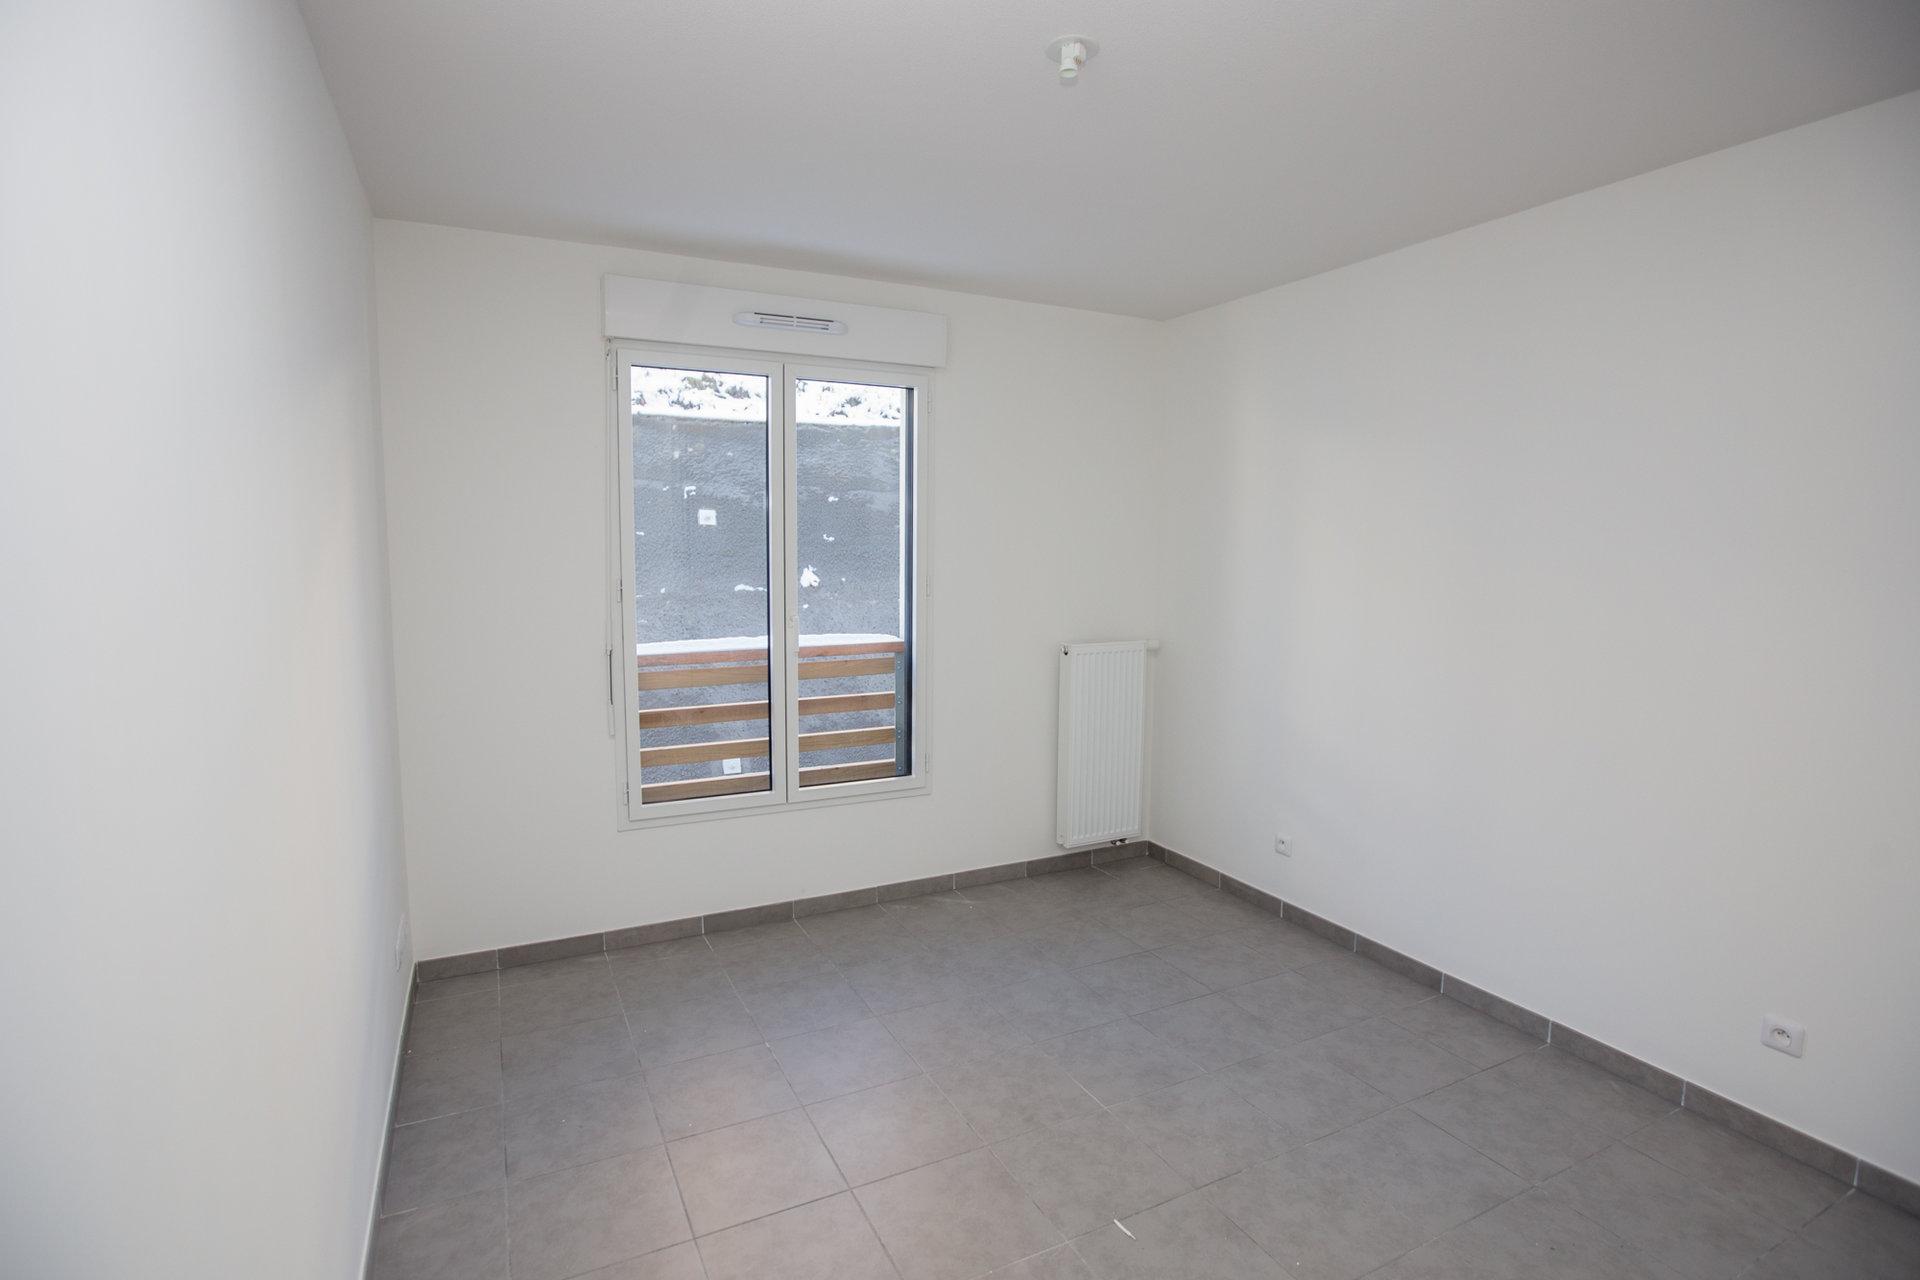 3 pièces 2ème étage résidence Argentera Valberg